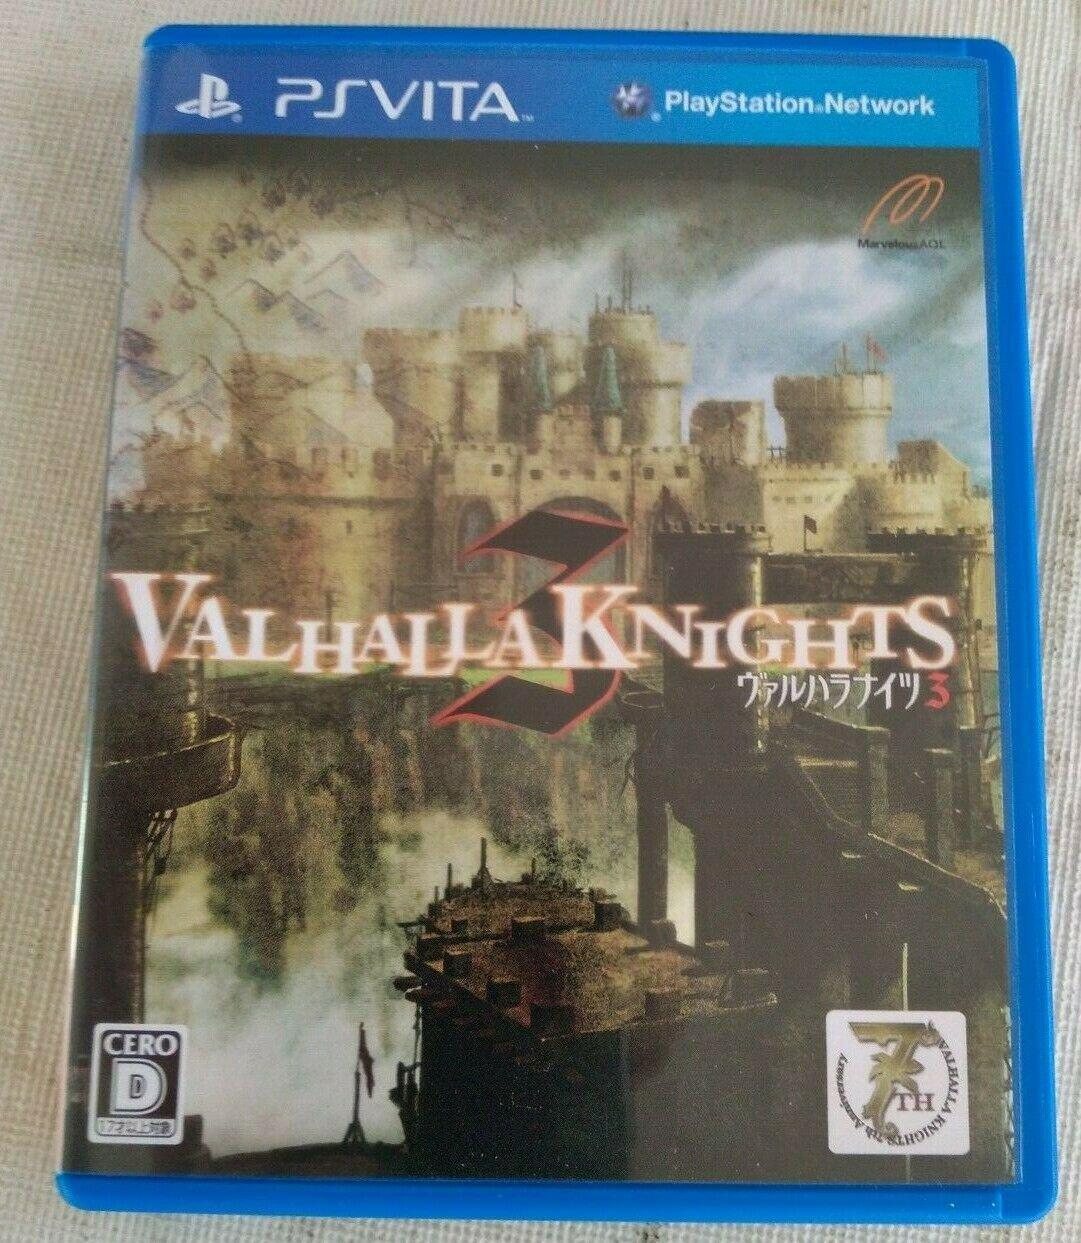 Valhalla Knights 3 (Sony PlayStation Vita, 2013) Japan Import PS Vita